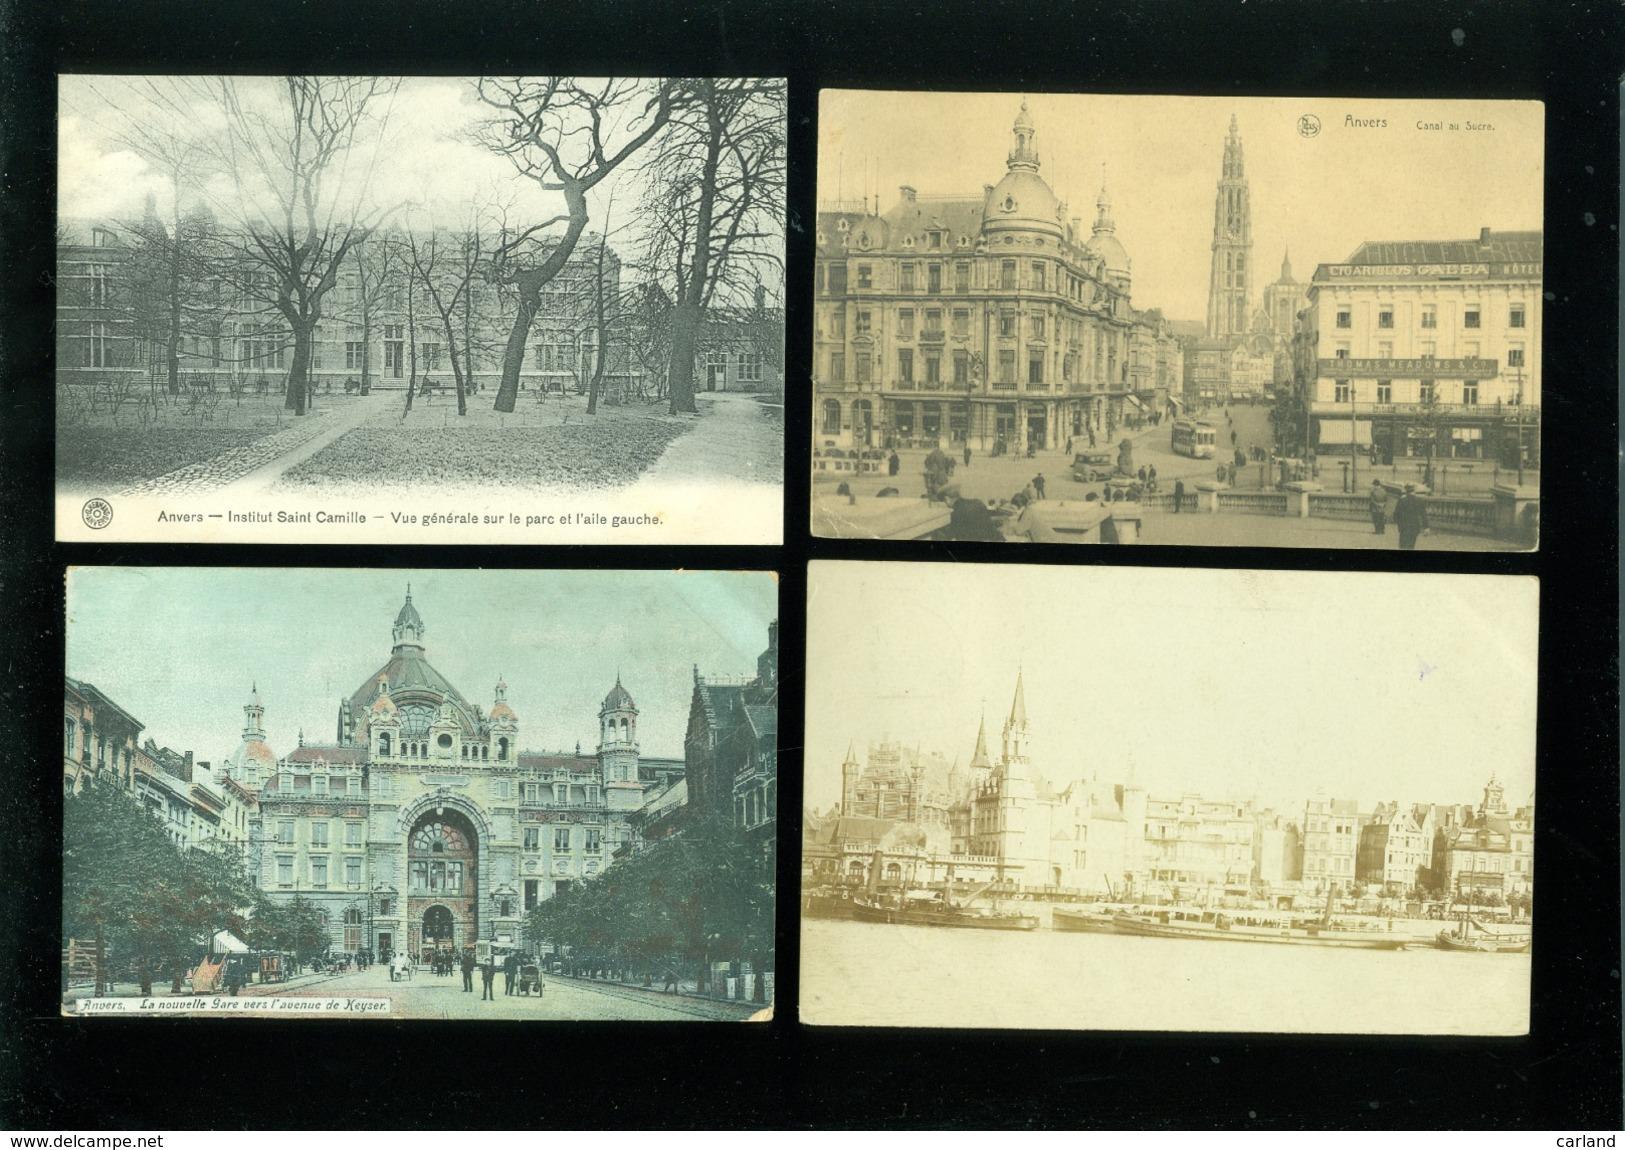 Grand Lot De 400 Cartes Postales D' Anvers (genre Drouille) Groot Lot 400 Postkaarten Van Antwerpen  ( Brol ) - 51 Scans - Cartes Postales